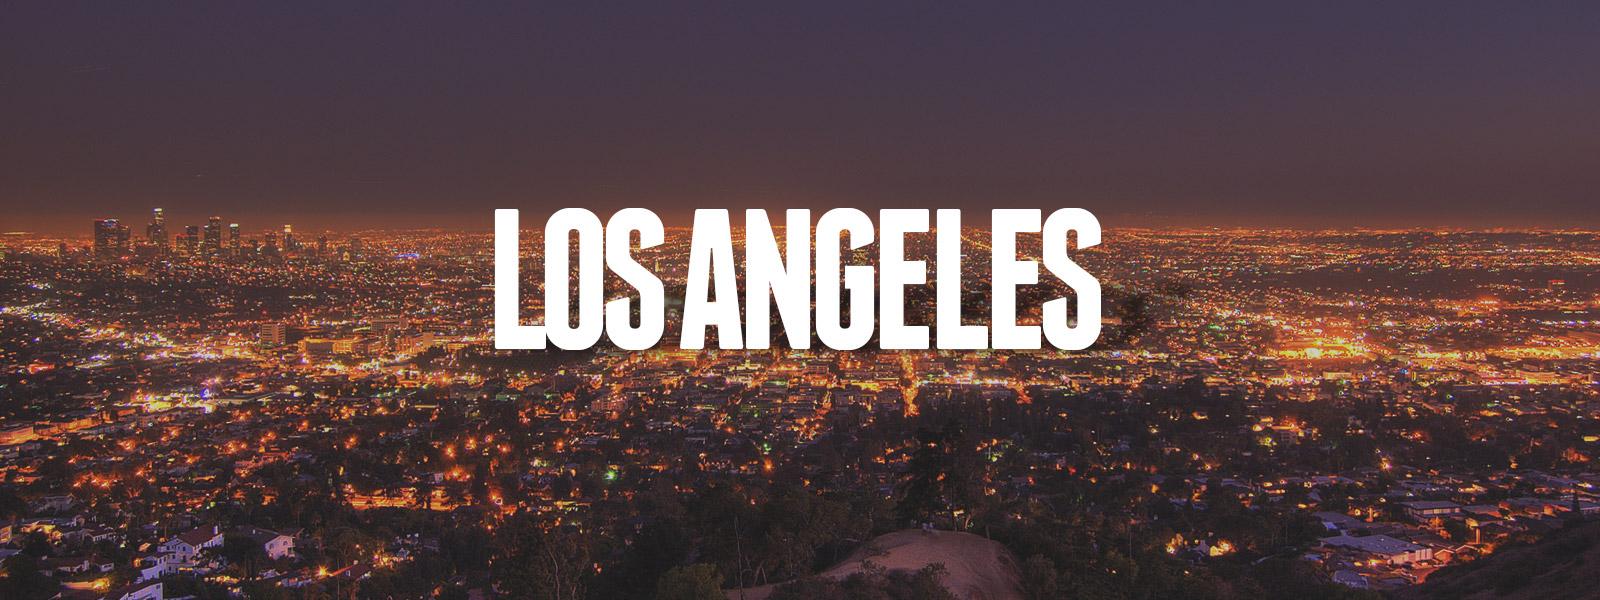 (airberlinholidays.com) Viele Los Angeles Flüge inkl. 2 Übernachtungen im 4*Hotel für Zwei (+ selbstständiger Aufenthalt!) (570€/Person)